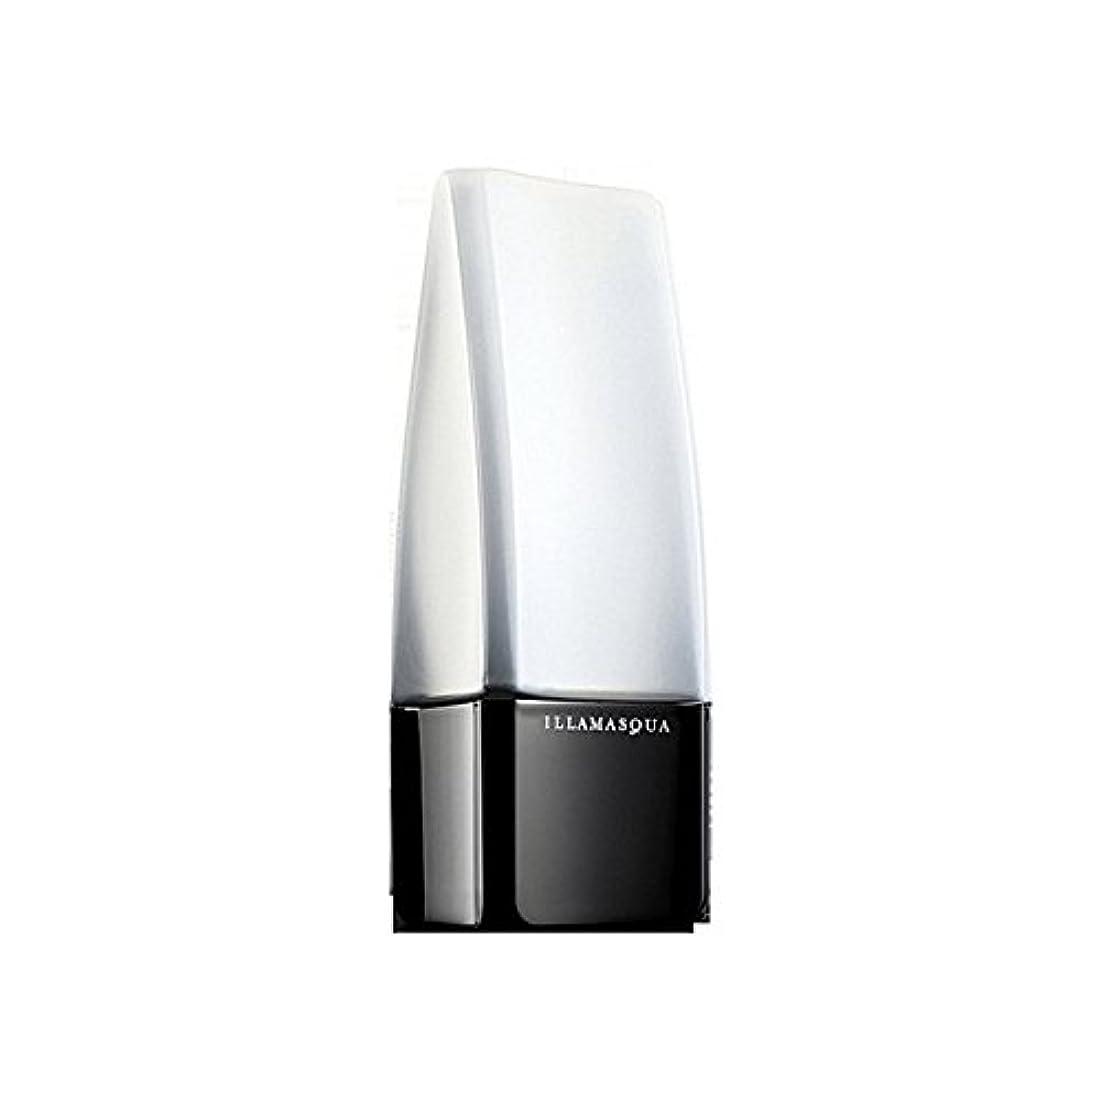 象決済口マットプライマー 20 30ミリリットル x4 - Illamasqua Matt Primer Spf 20 30ml (Pack of 4) [並行輸入品]